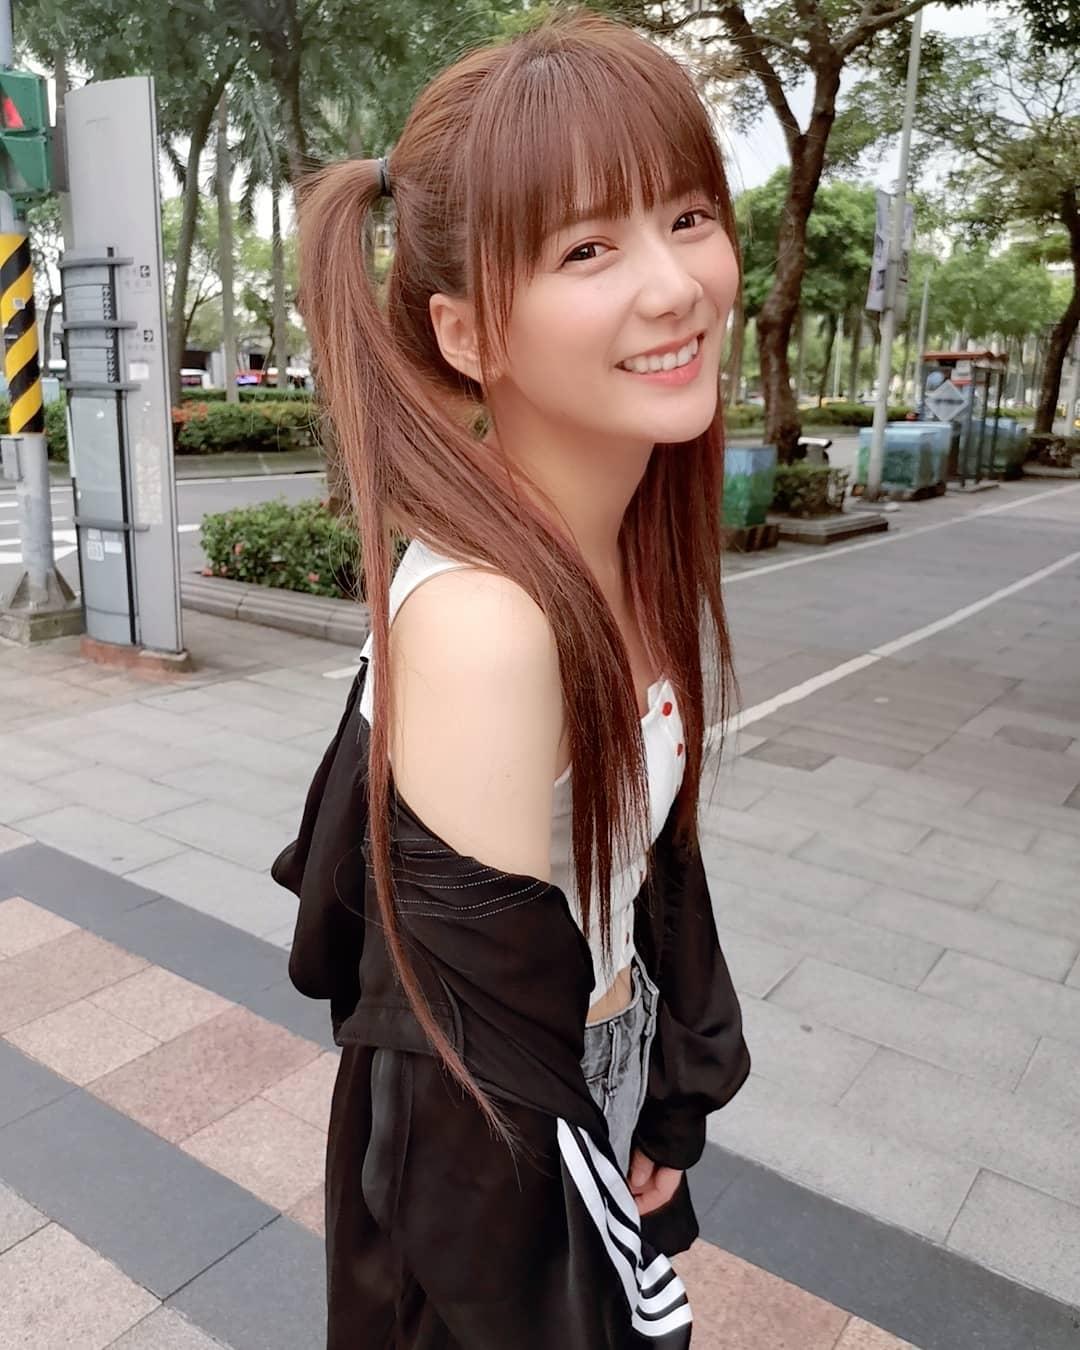 網人365/台灣第一個宅男女神!解婕翎「搶人老公被拍床照」真相超荒謬